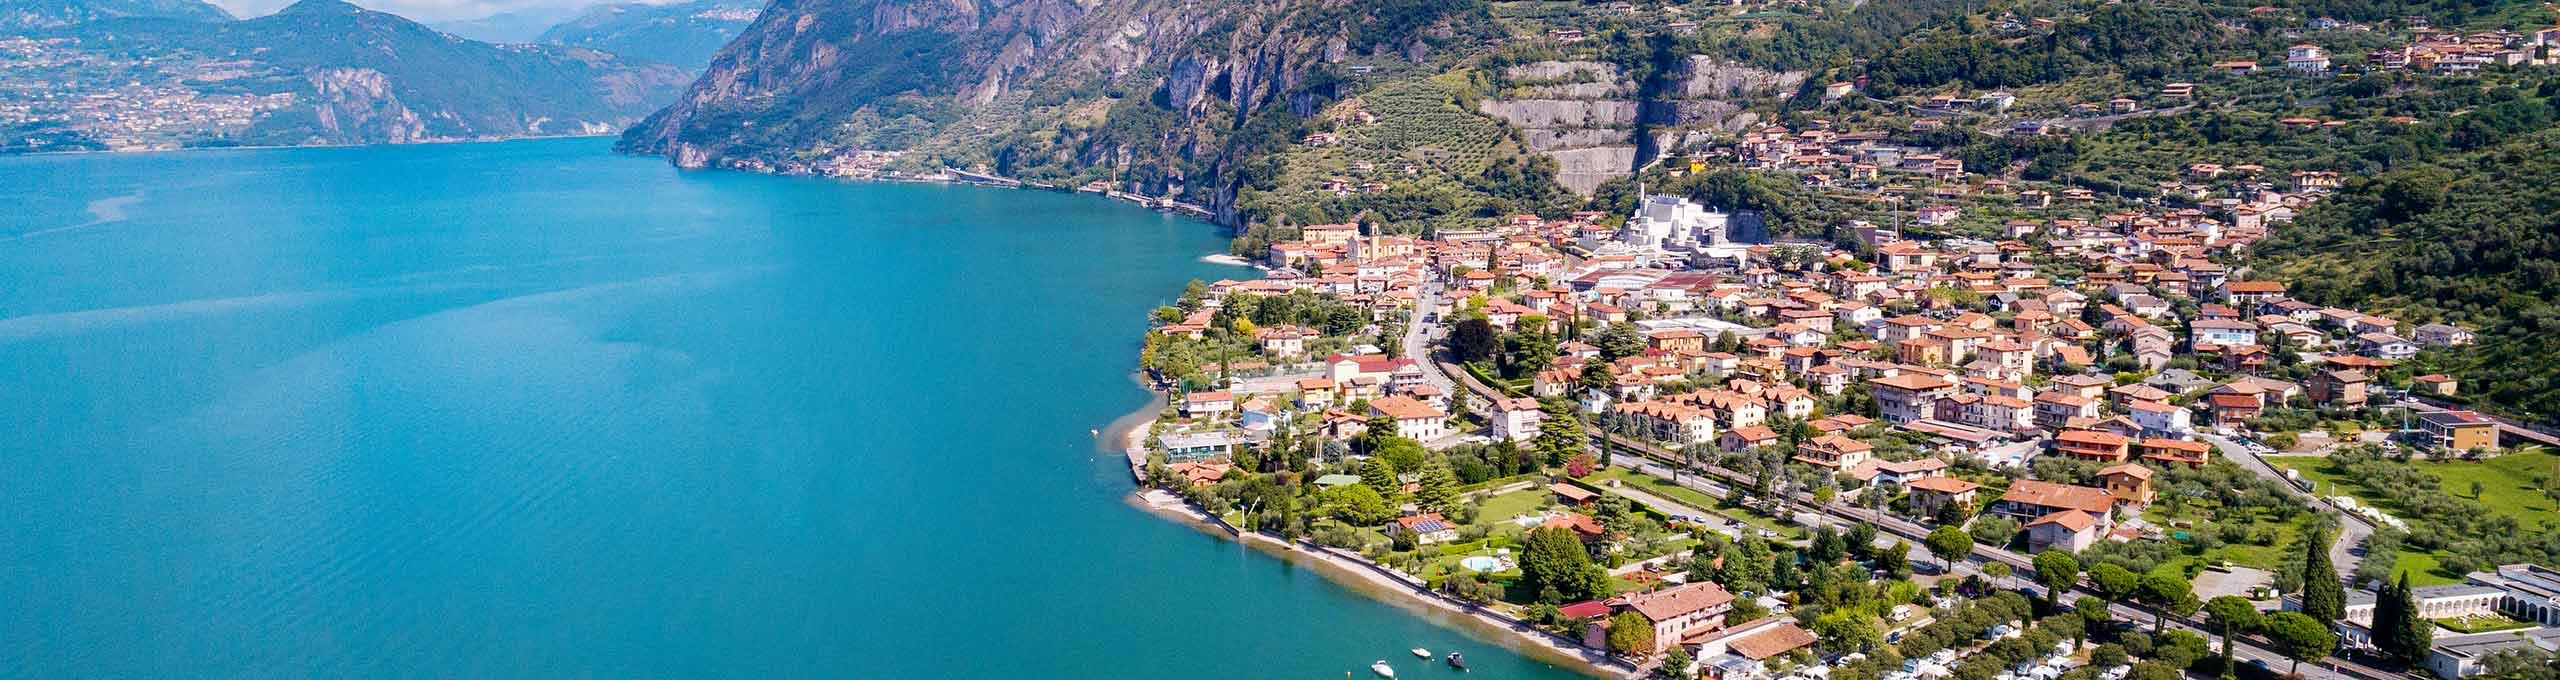 Sulzano, Lago D'Iseo